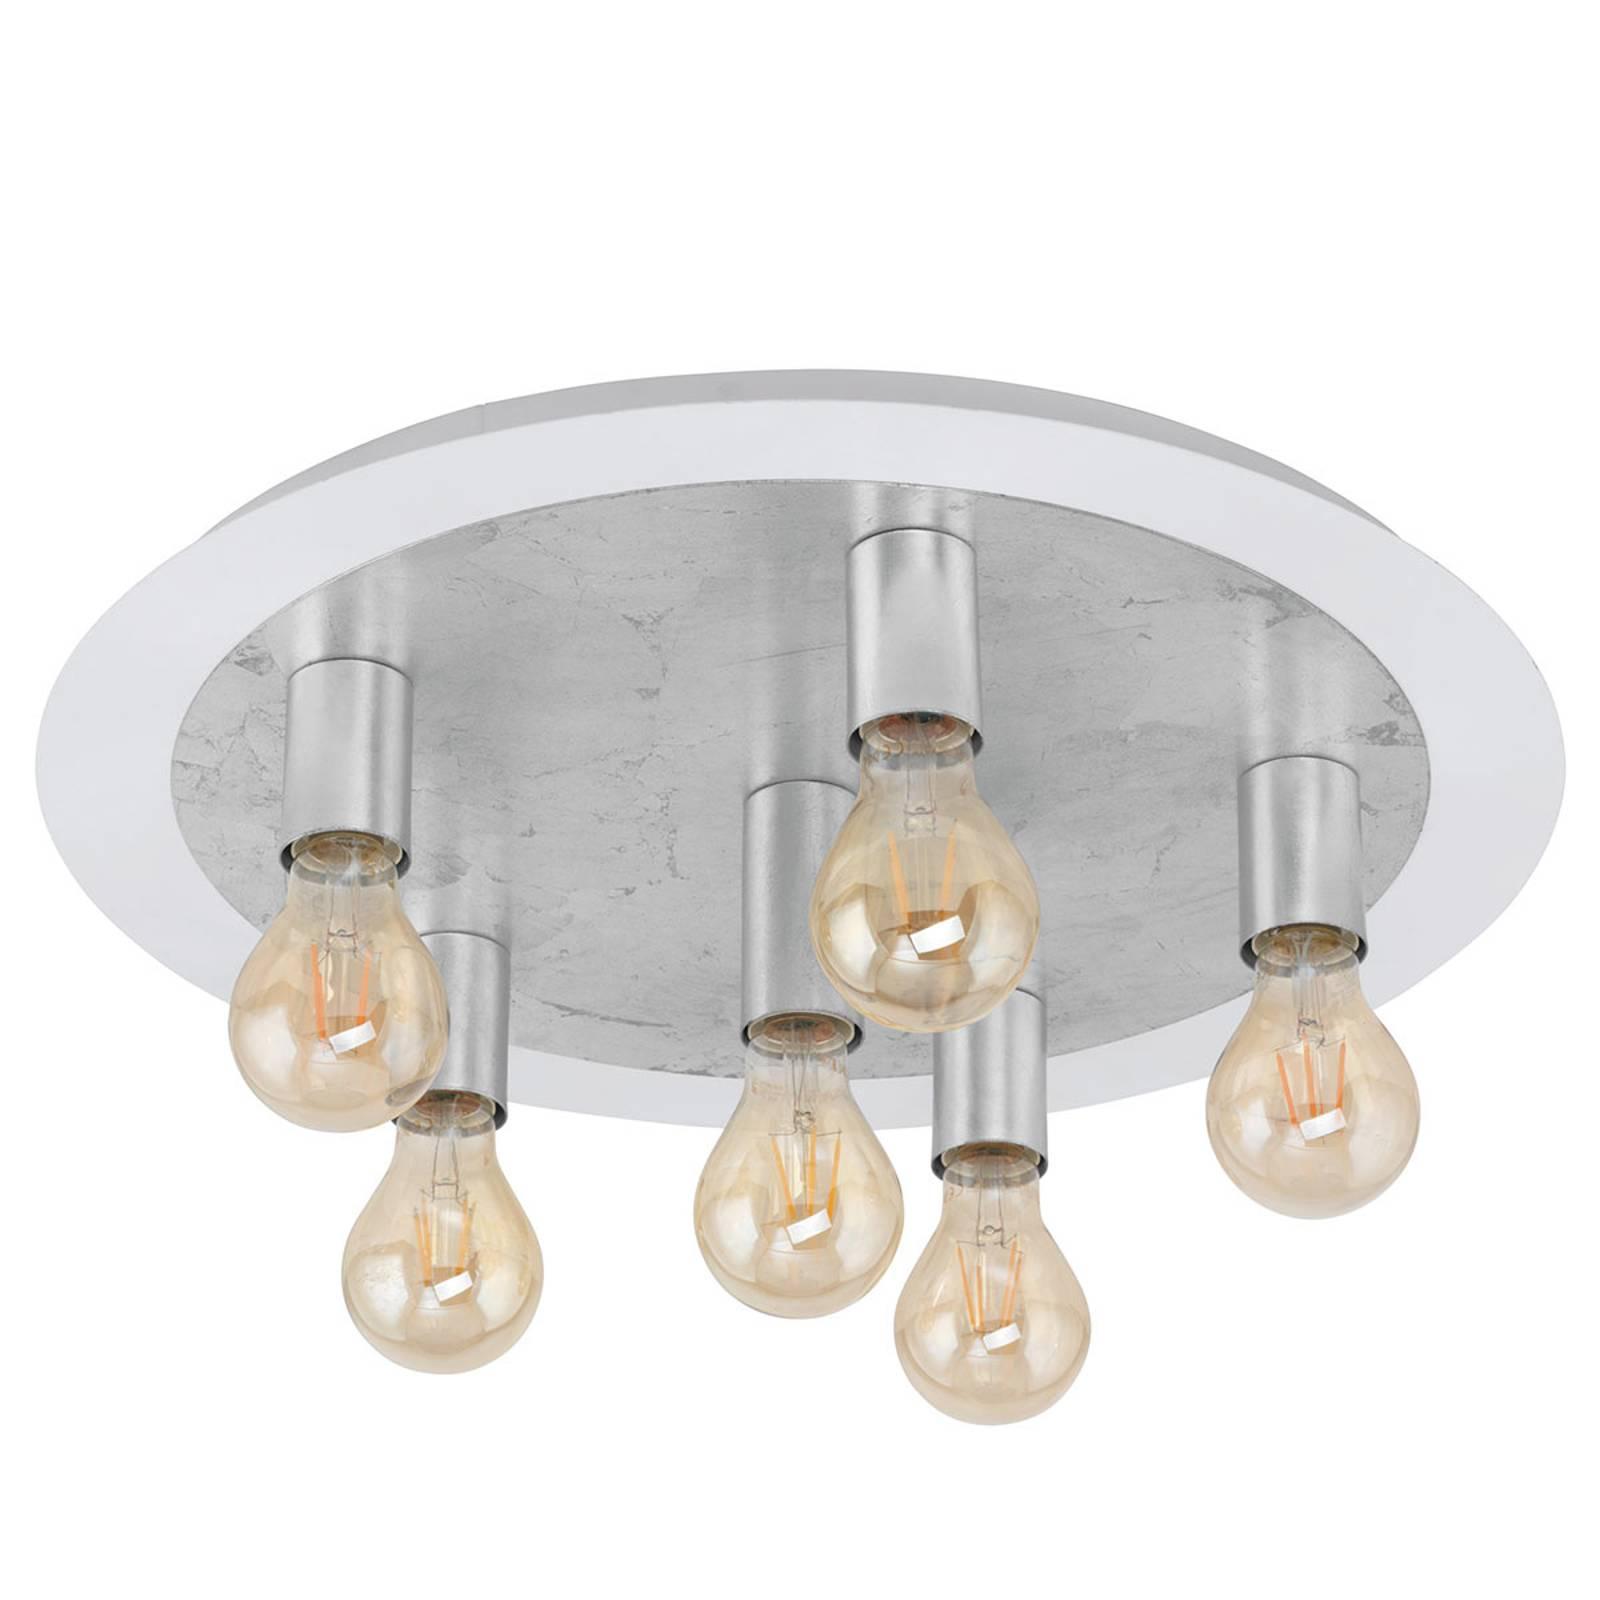 Lampa sufitowa LED Passano 6-punktowa srebrna